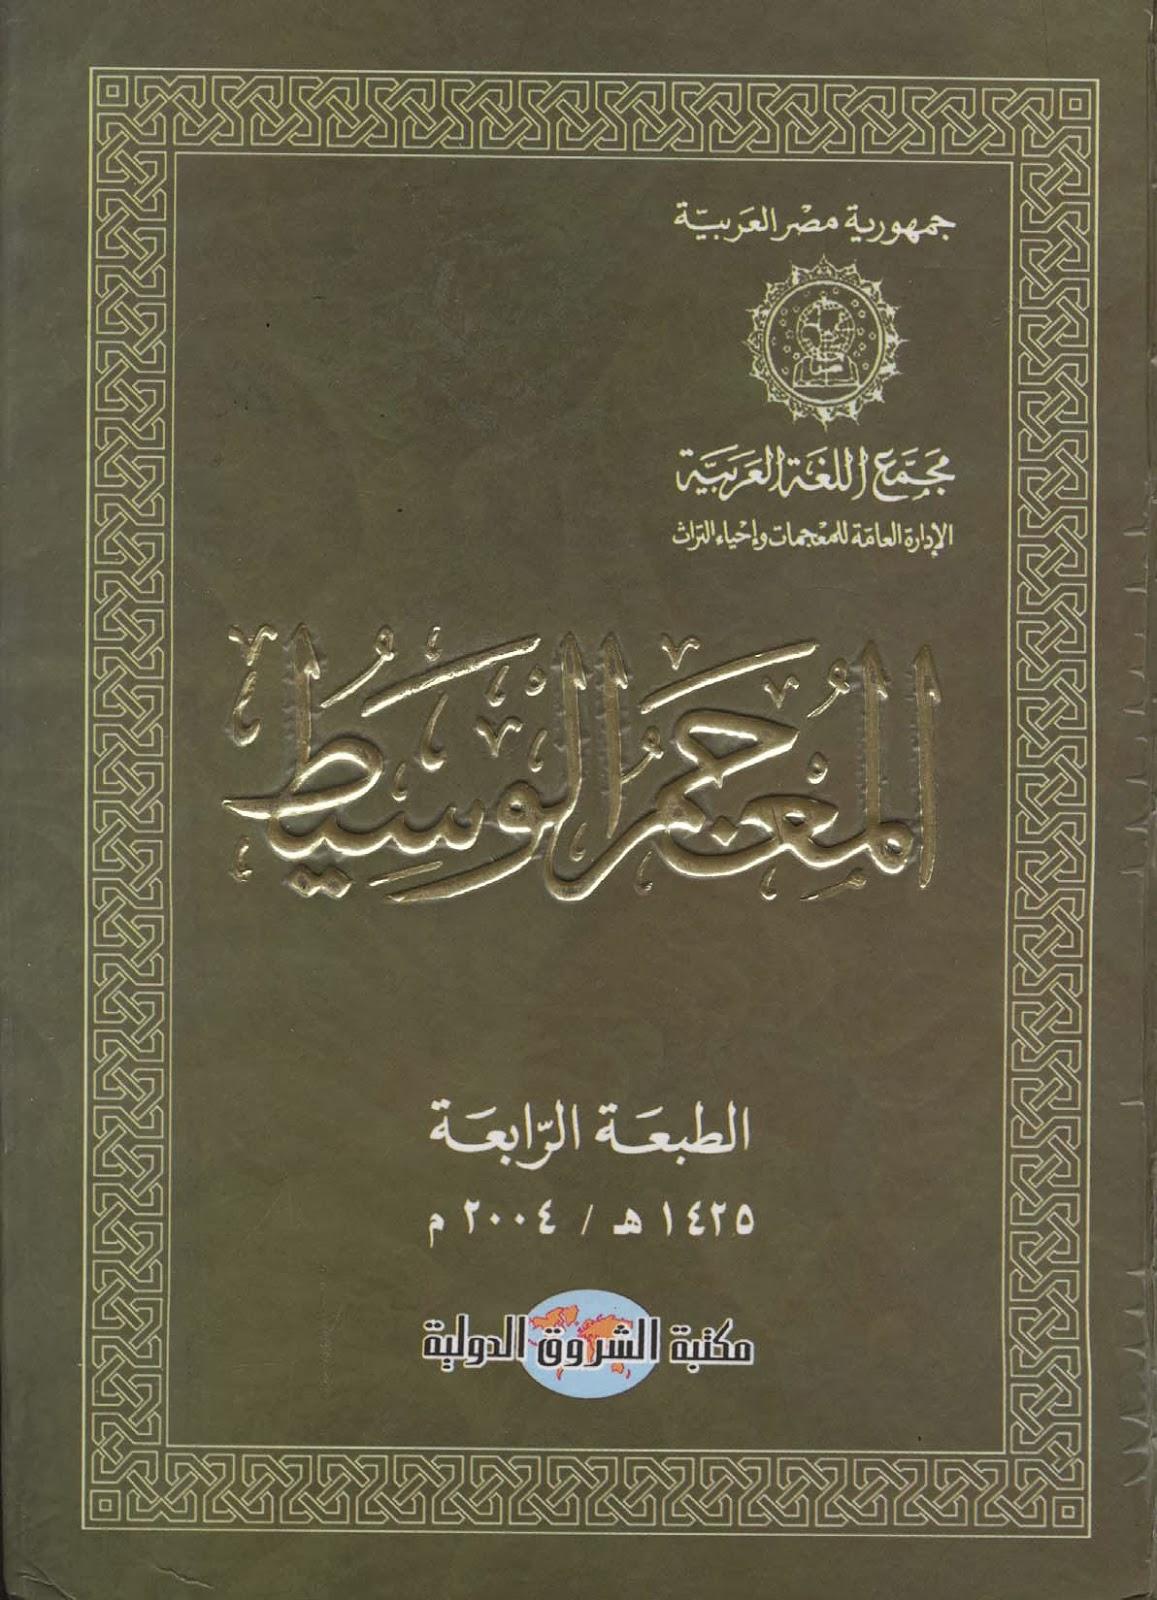 المعجم الوسيط - الطبعة الرابعة pdf